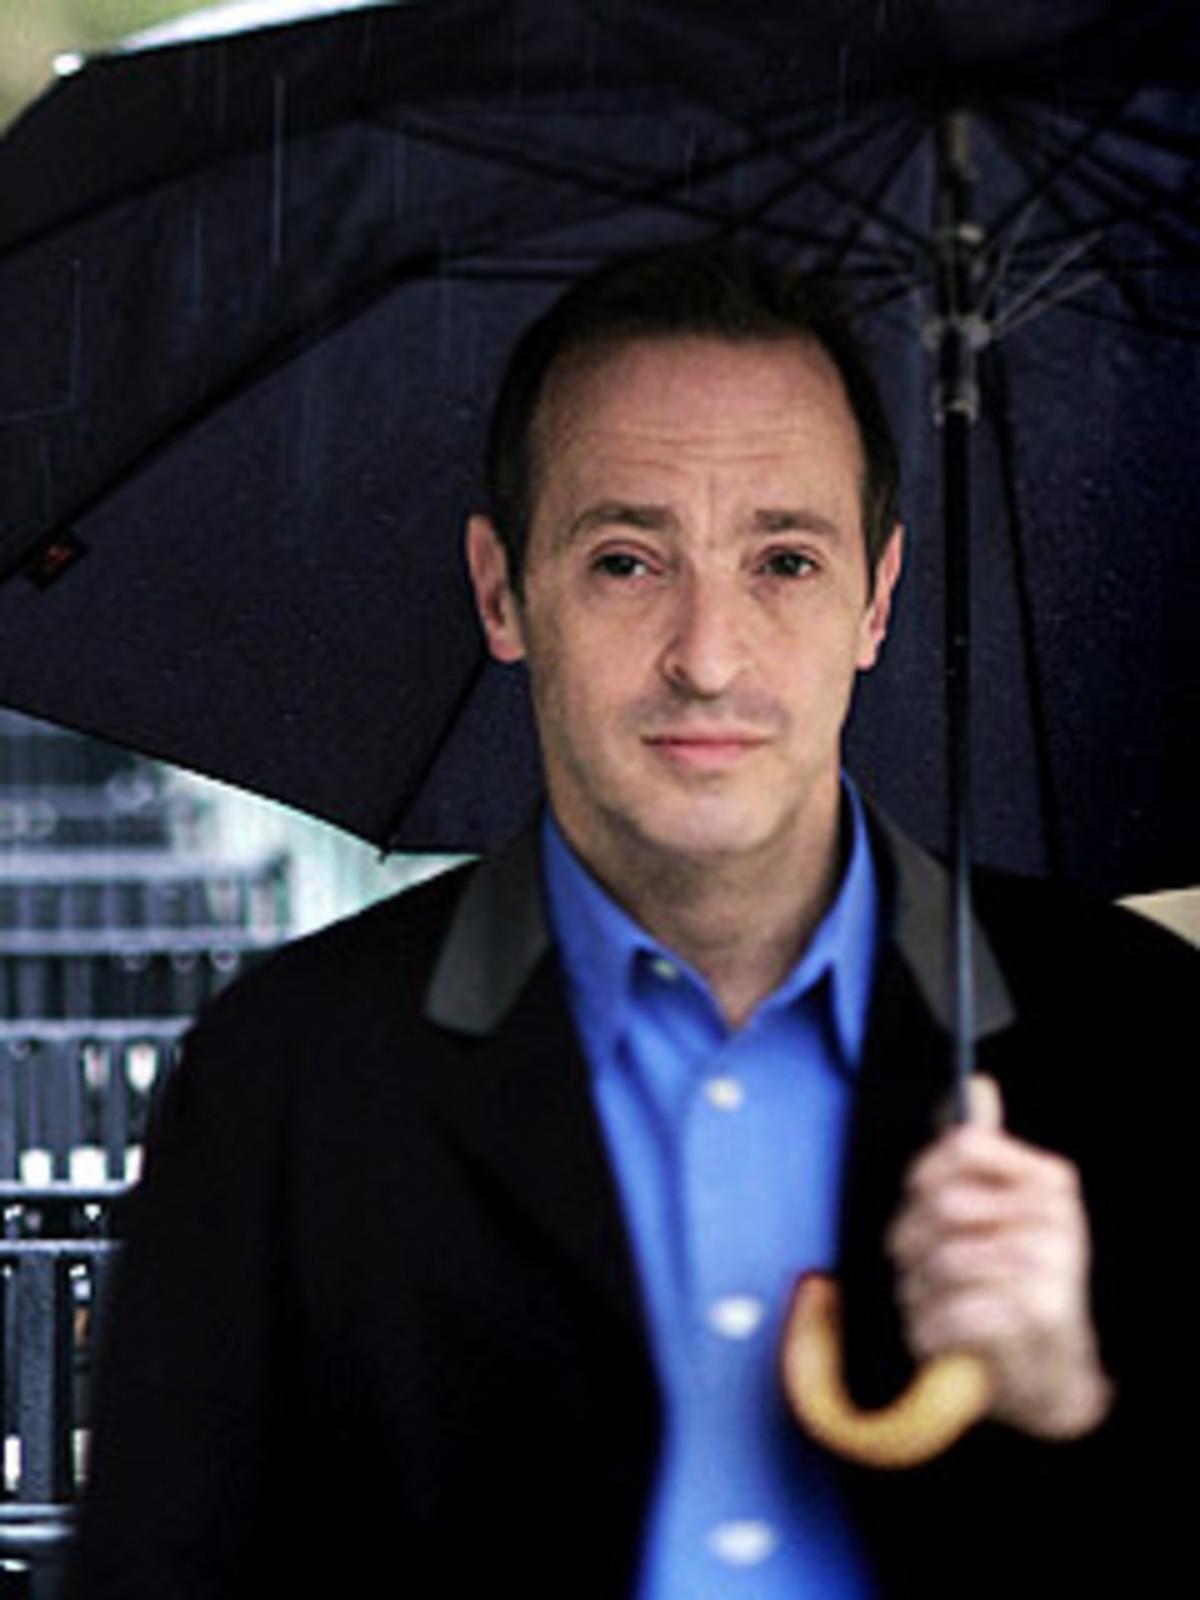 News_David Sedaris_April 2010